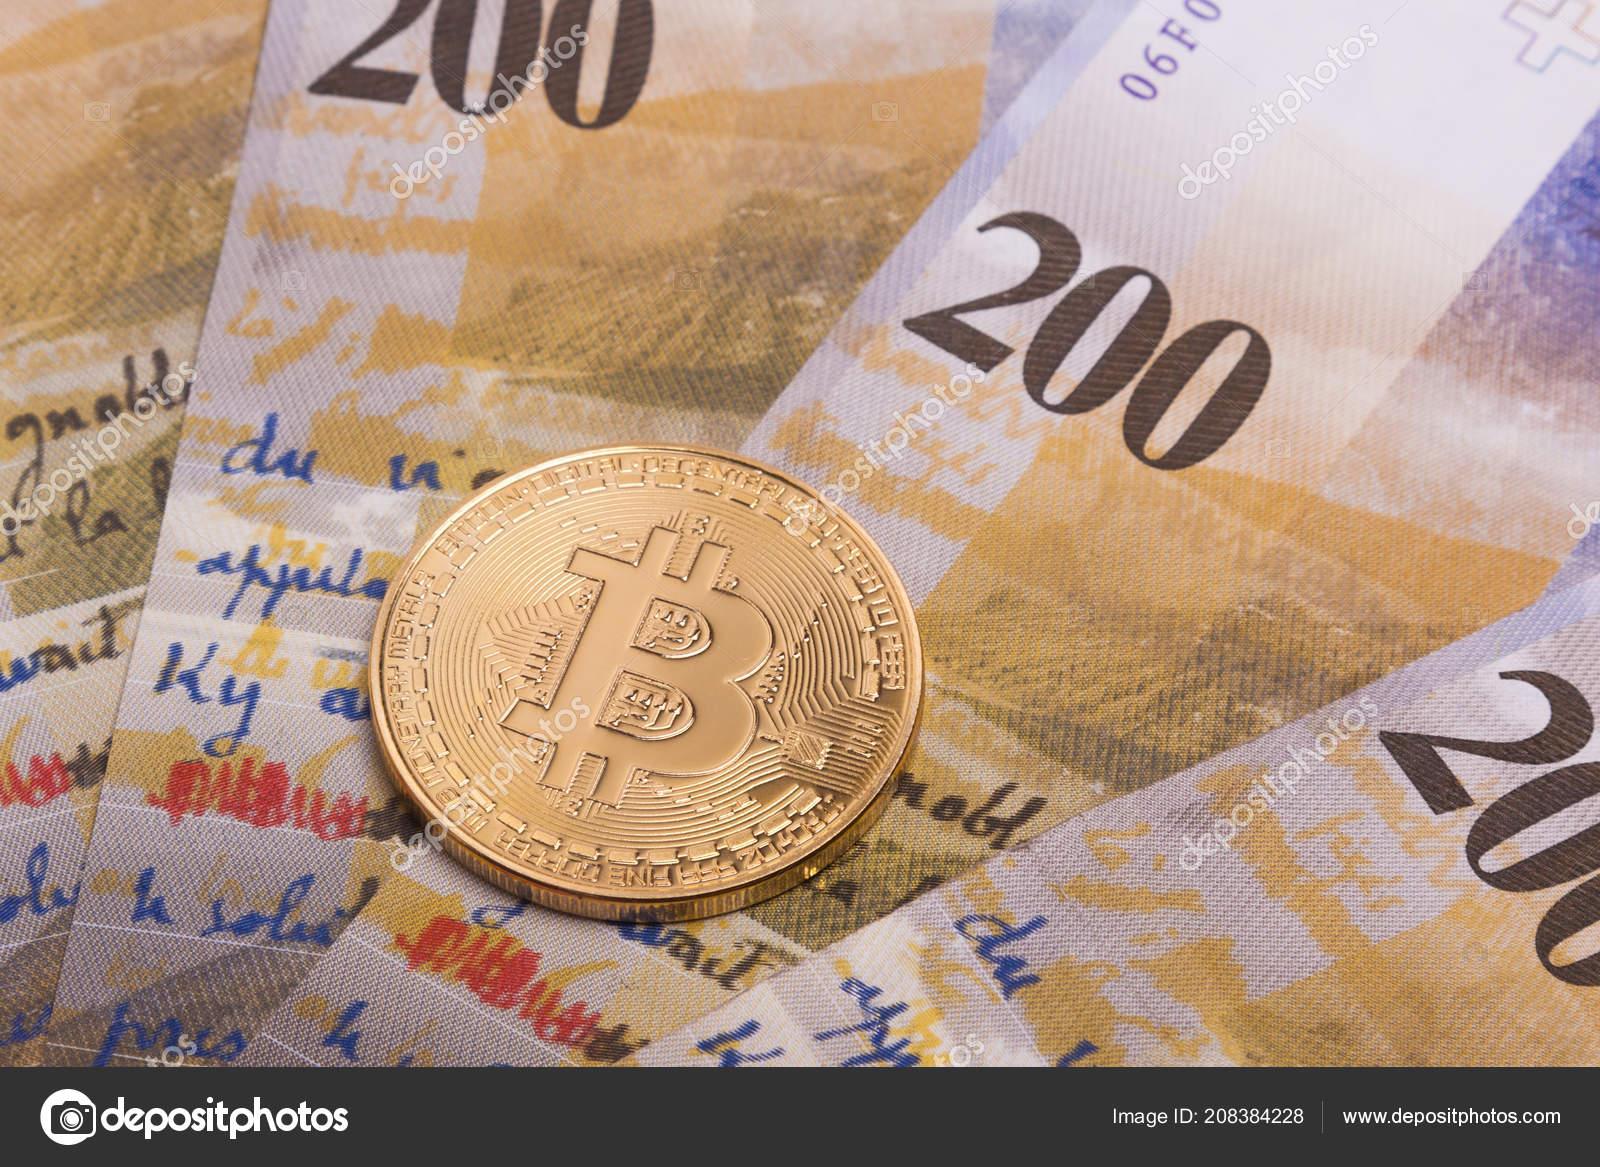 Bitcoin Btc Krypto Währung Münze über Schweizer Franken Banknoten